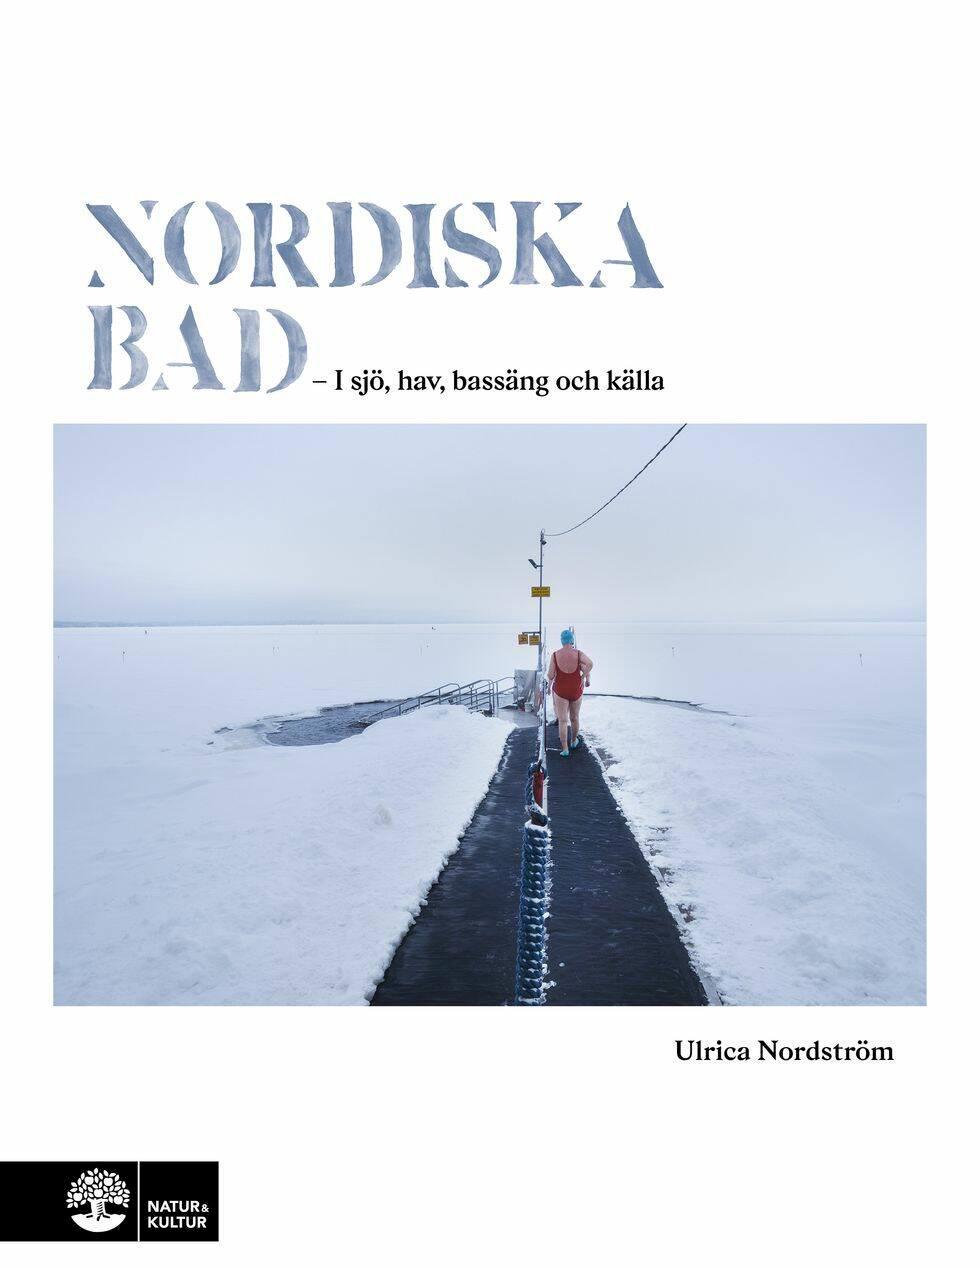 5 nordiska kallbad, källor och heta bastubad